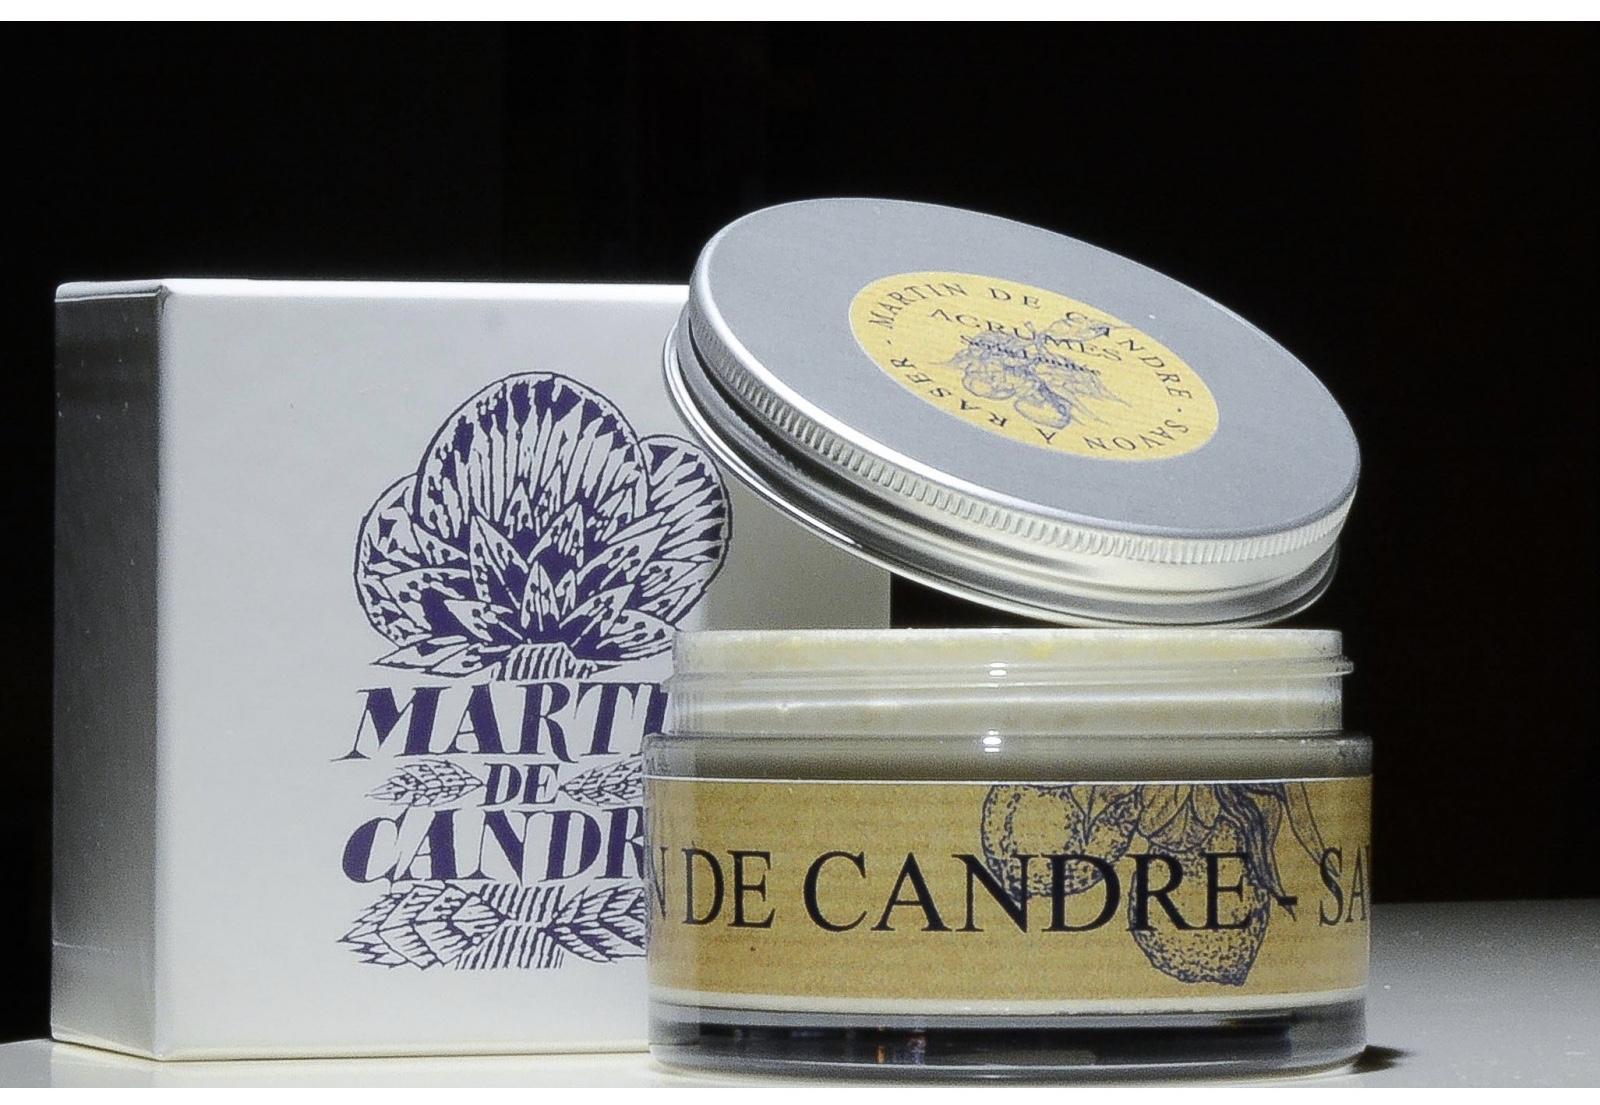 Jabón de Afeitar Martin de Candre - Agrumes (Limón) 200g